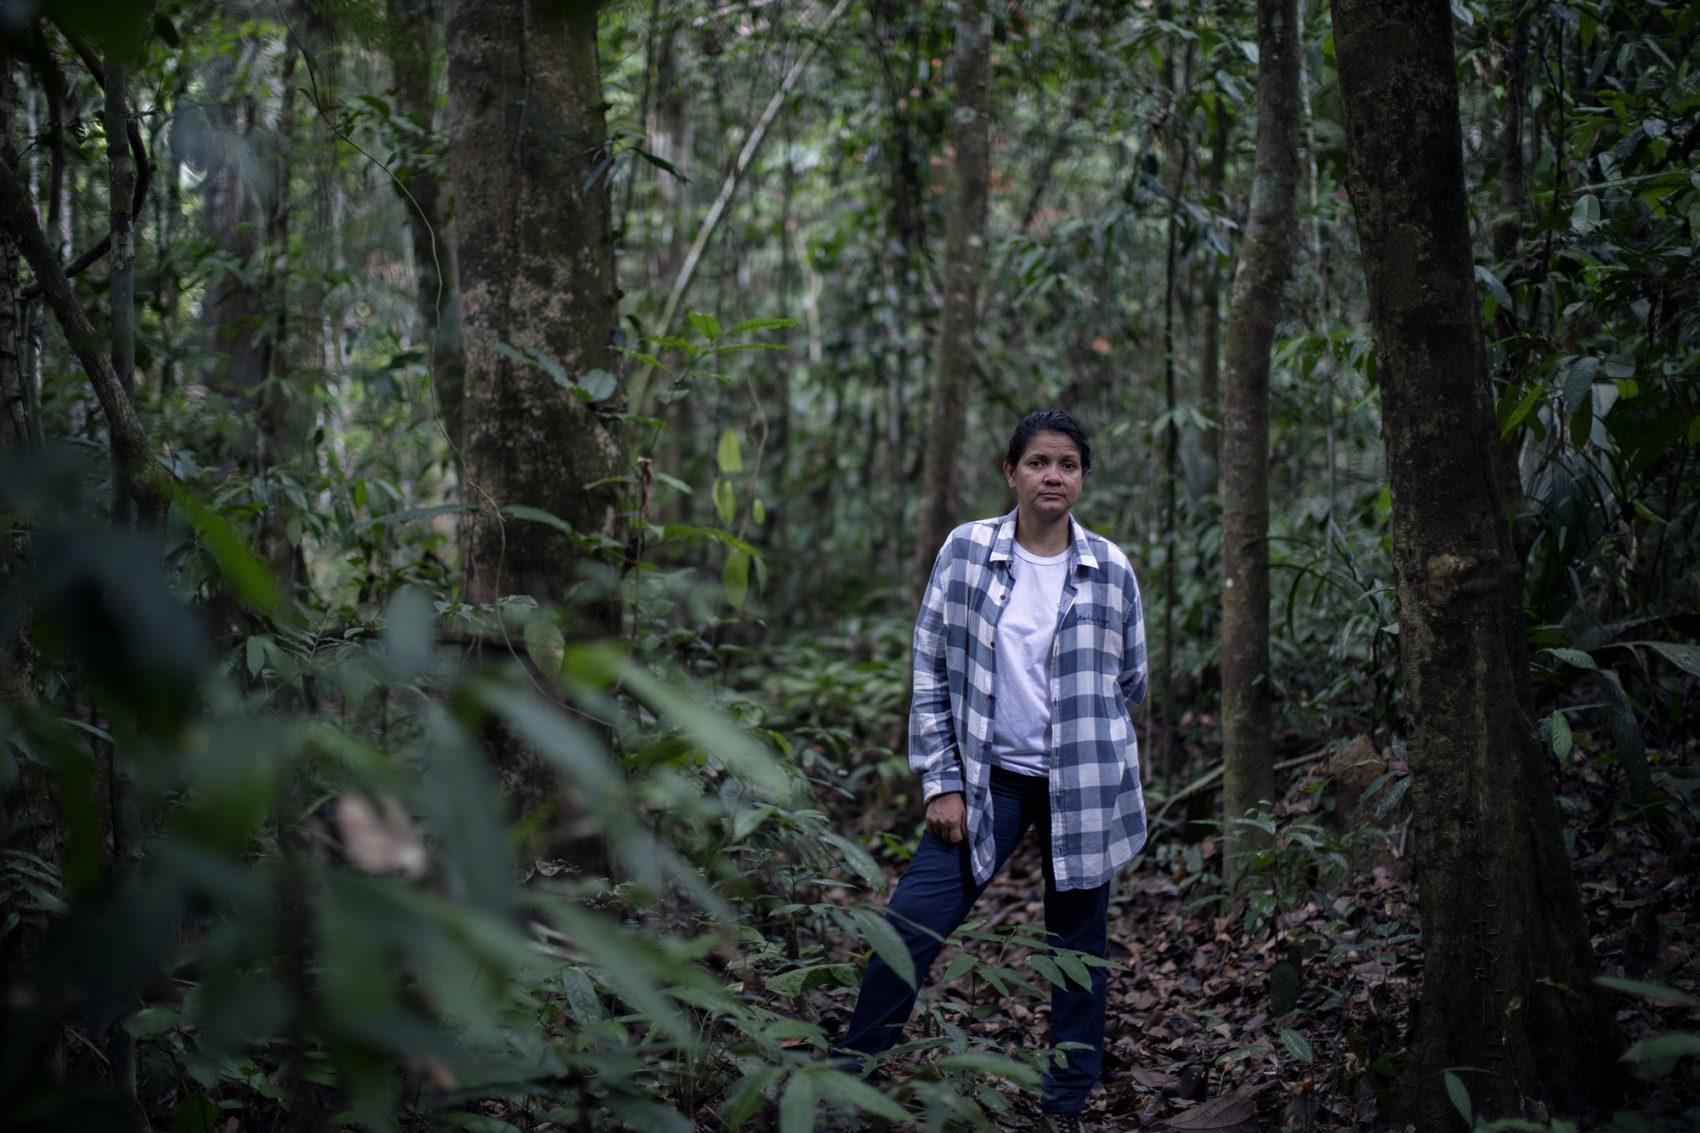 Claudelice no Projeto de Assentamento Agroextrativista (PAE), em Nova Ipixuna, Pará (Foto ©Marizilda Cruppe/Greenpeace)